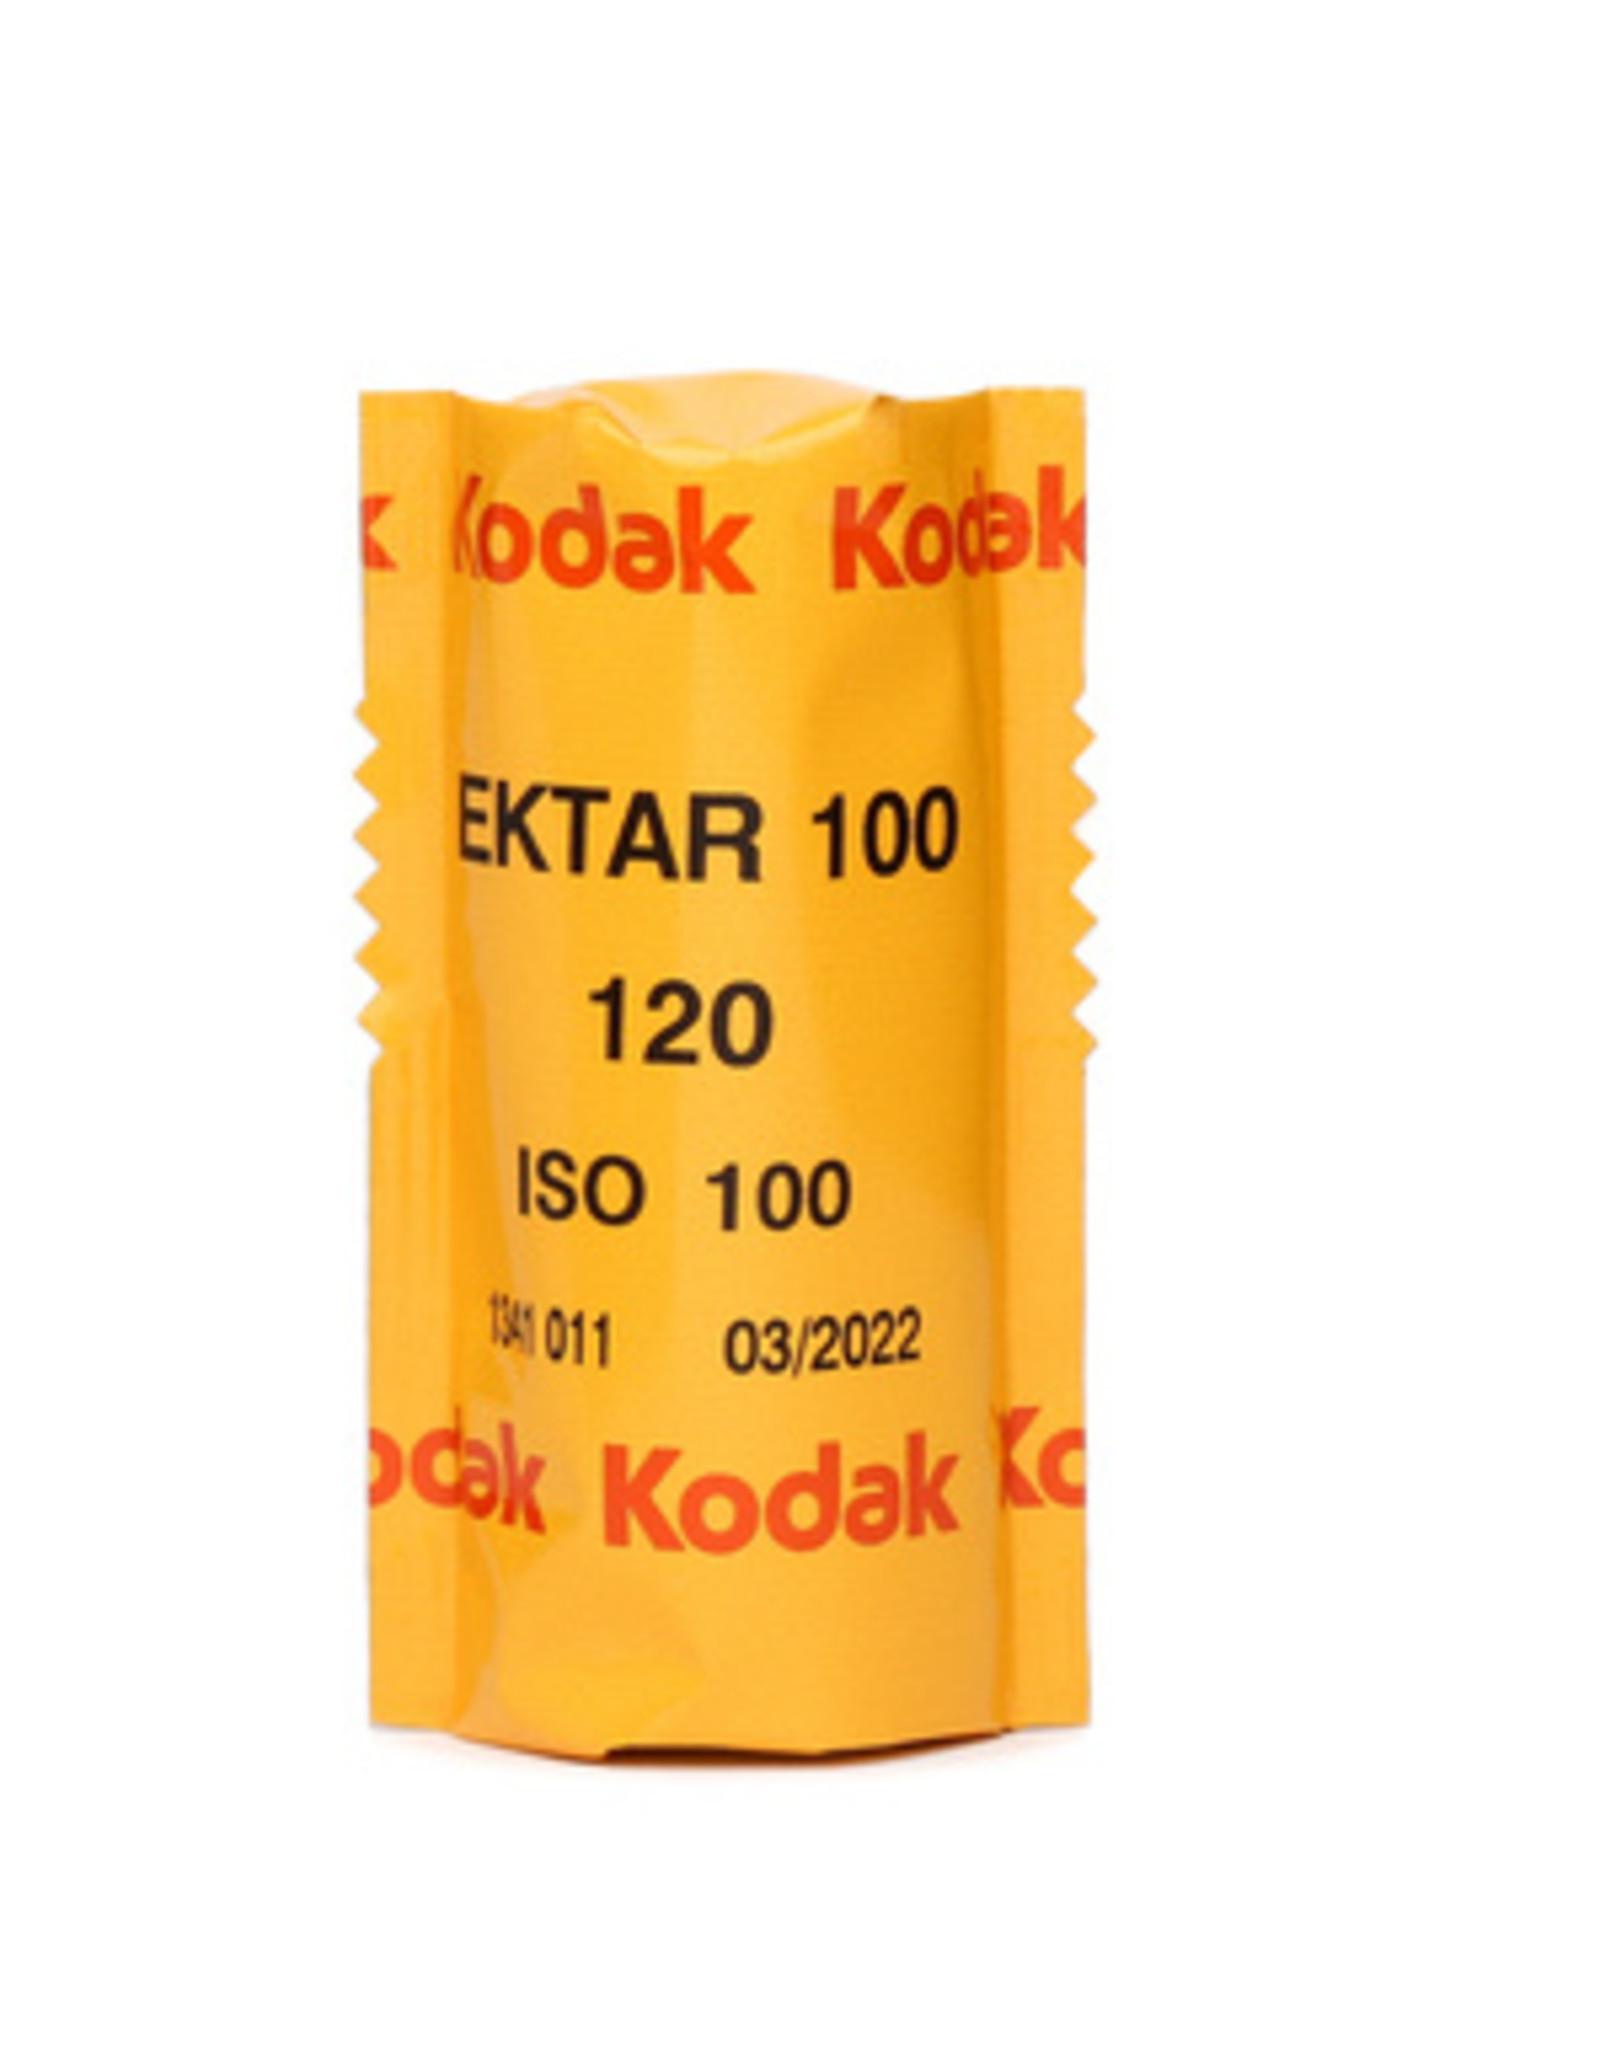 kodak Kodak Ektar 120 color negative film